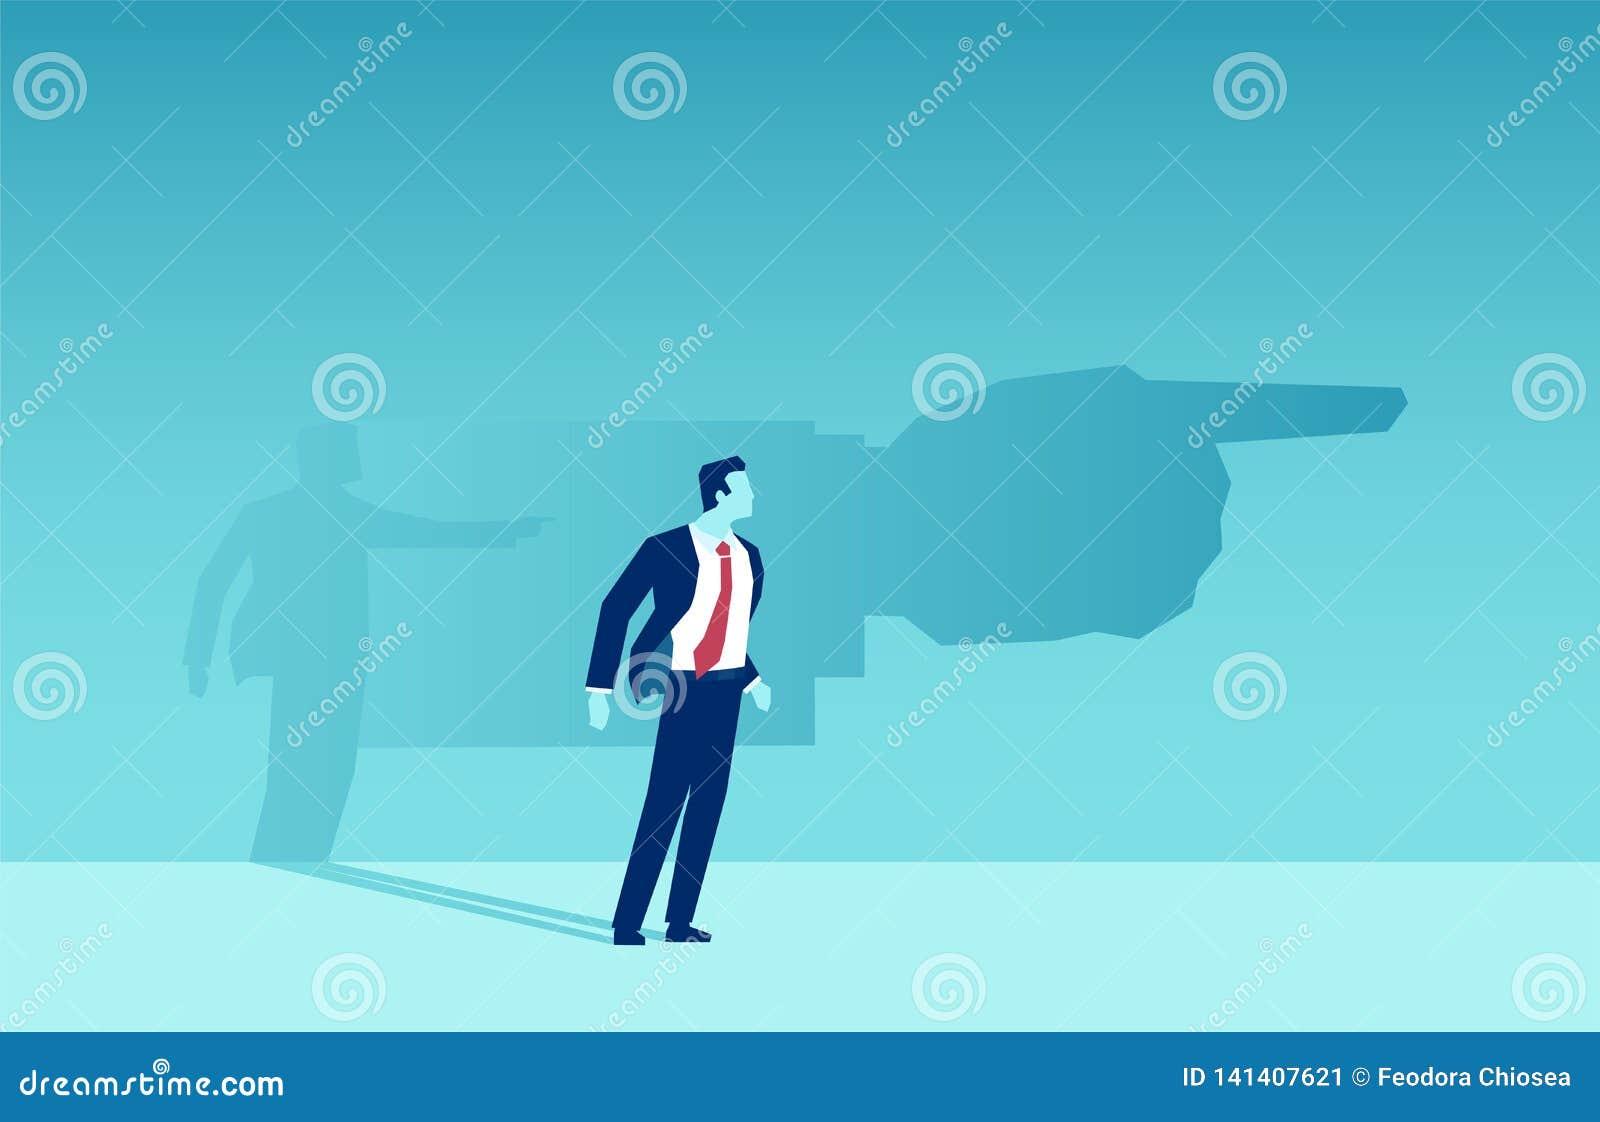 Vektor eines Geschäftsmannschattens, der ihn eine Richtung zeigt